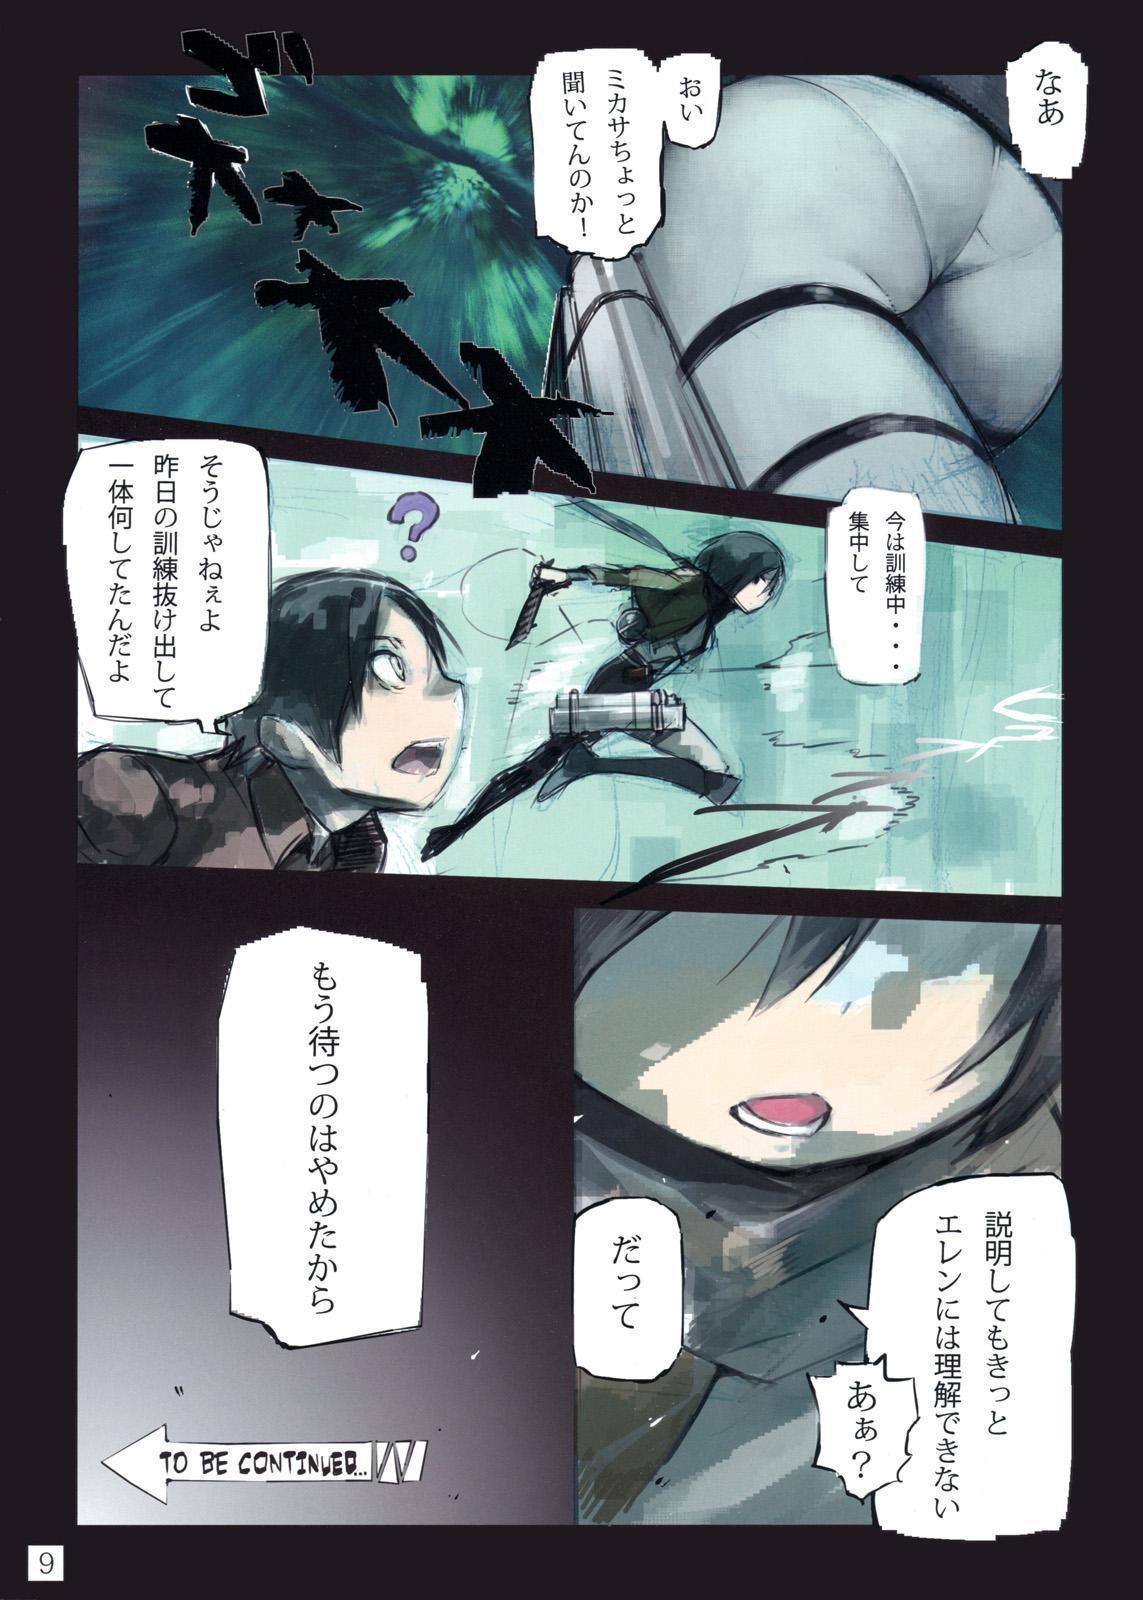 SHINNGEKI vol. 2 8